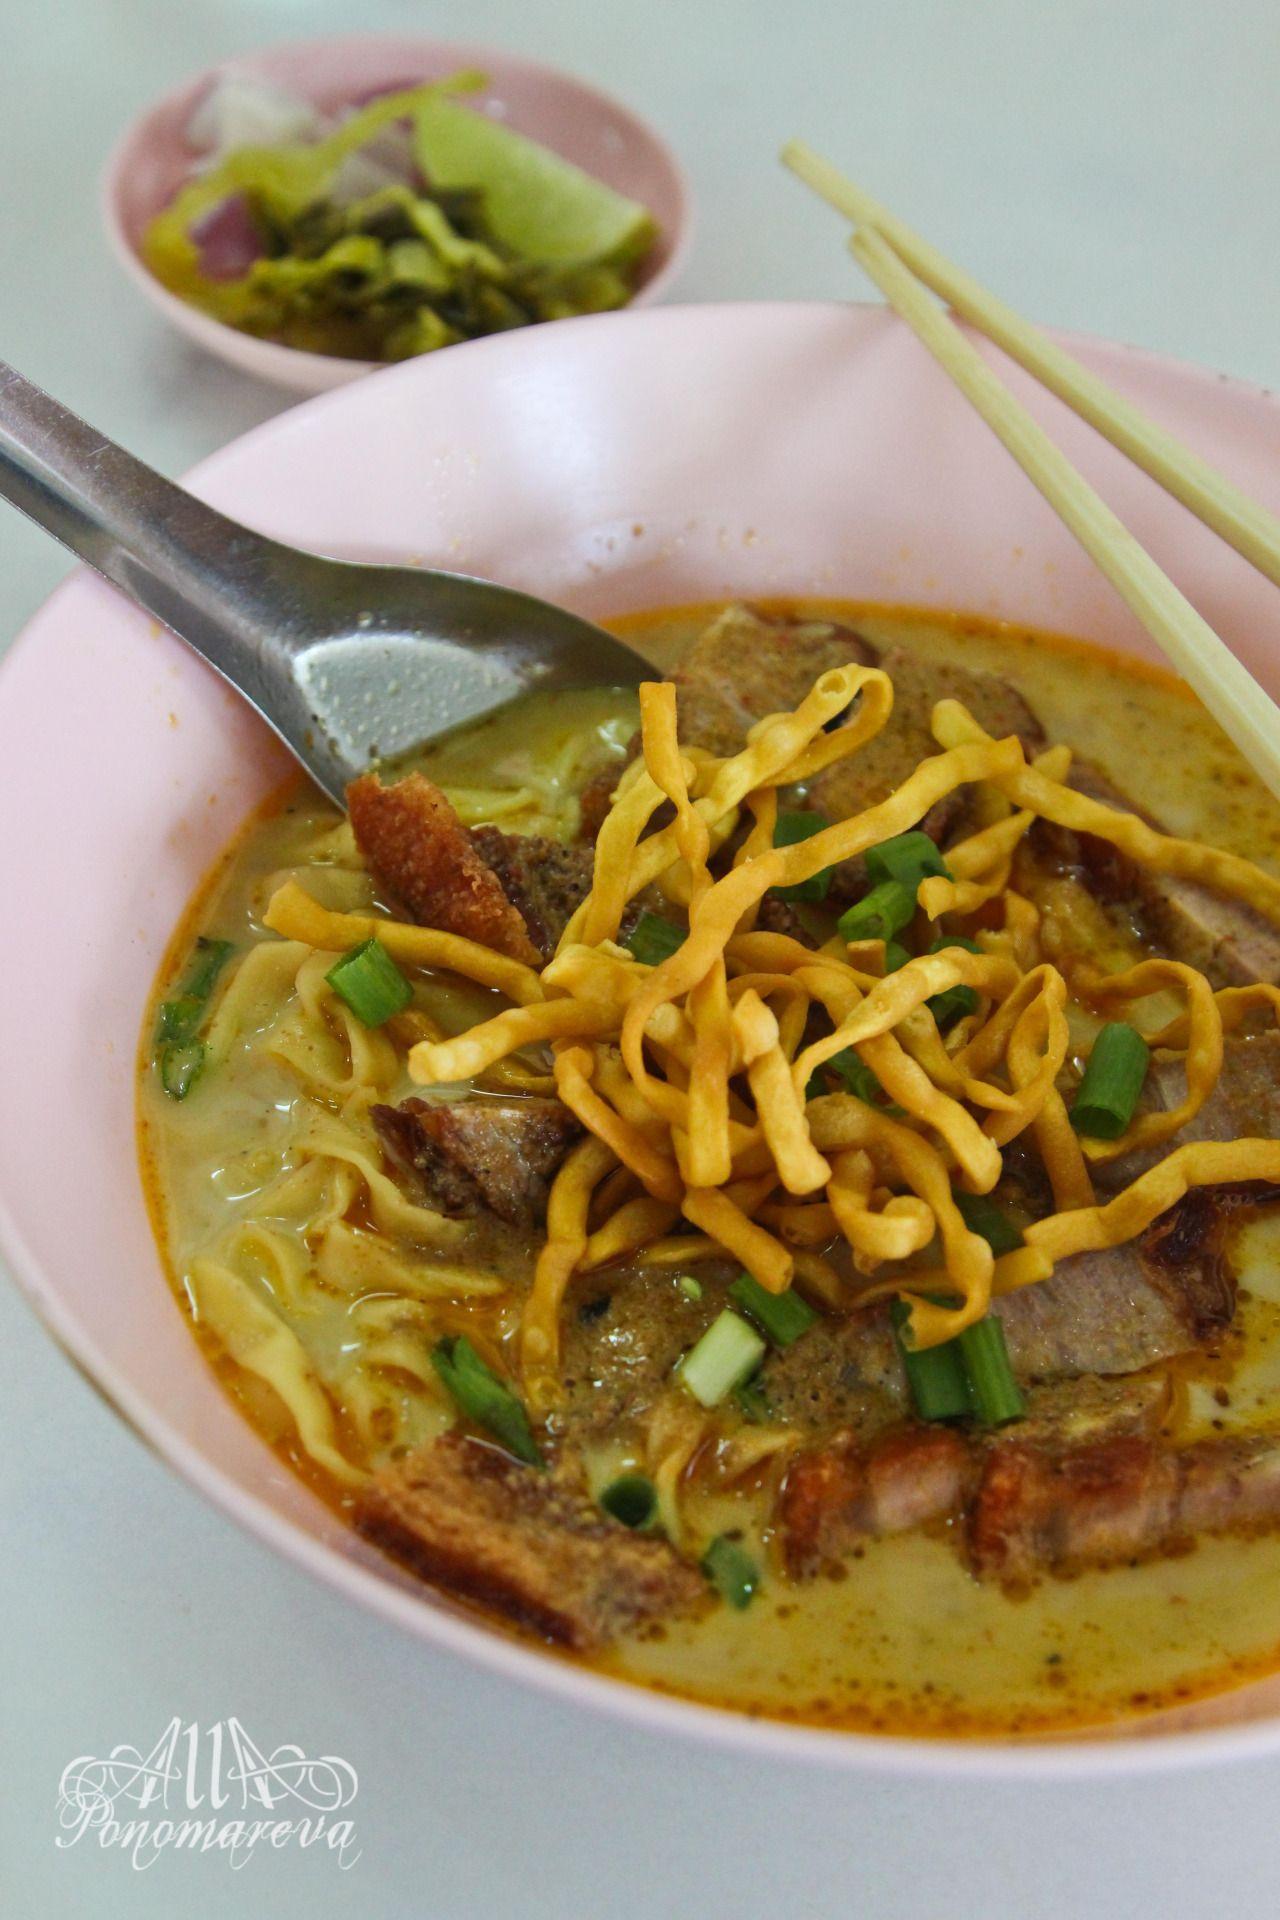 Kao Soi - Thai dish in Chiang Mai, photographed by Alla Ponomareva